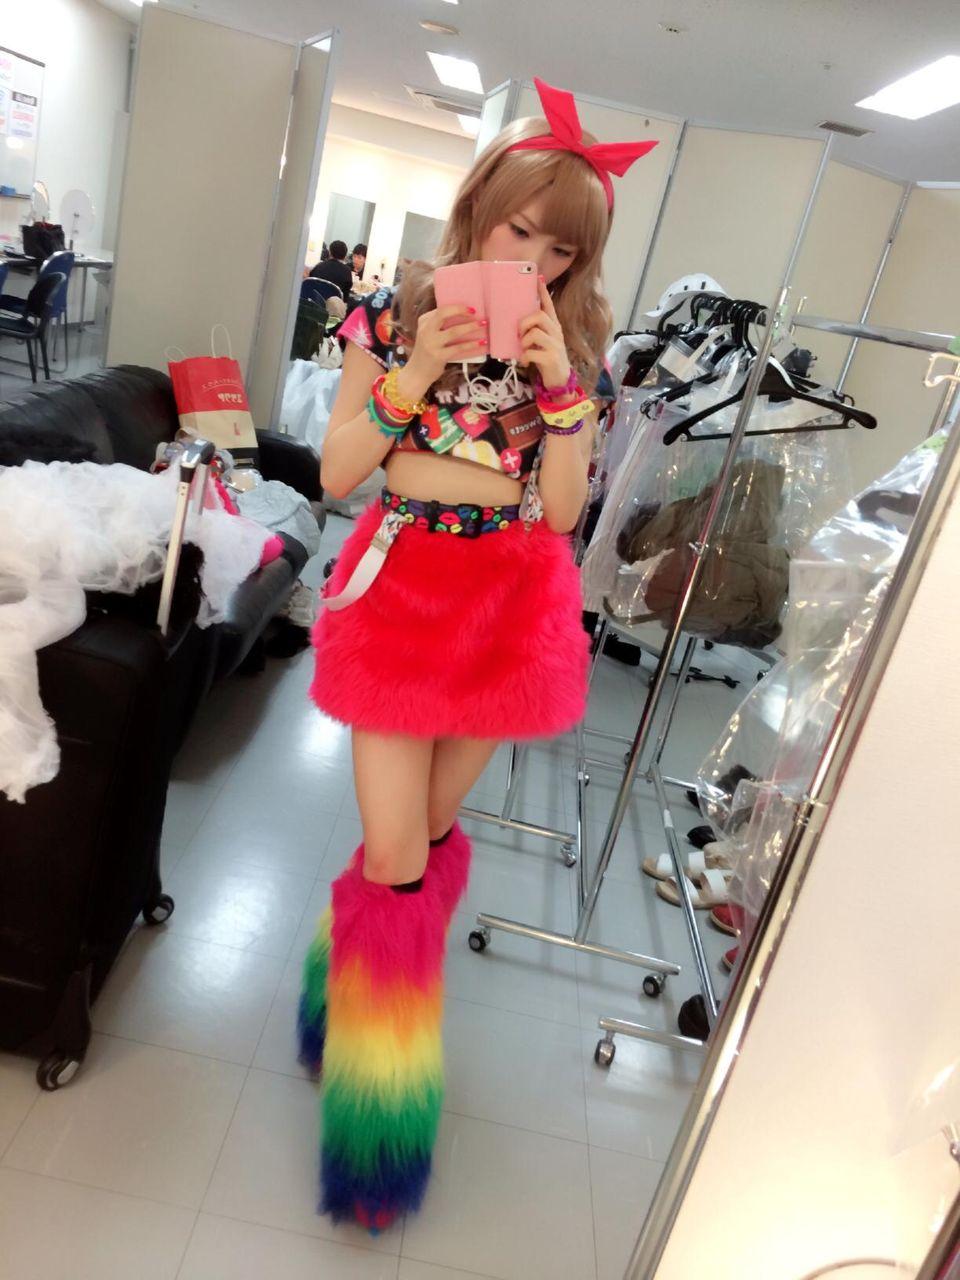 岡田奈々 (AKB48)の画像 p1_33